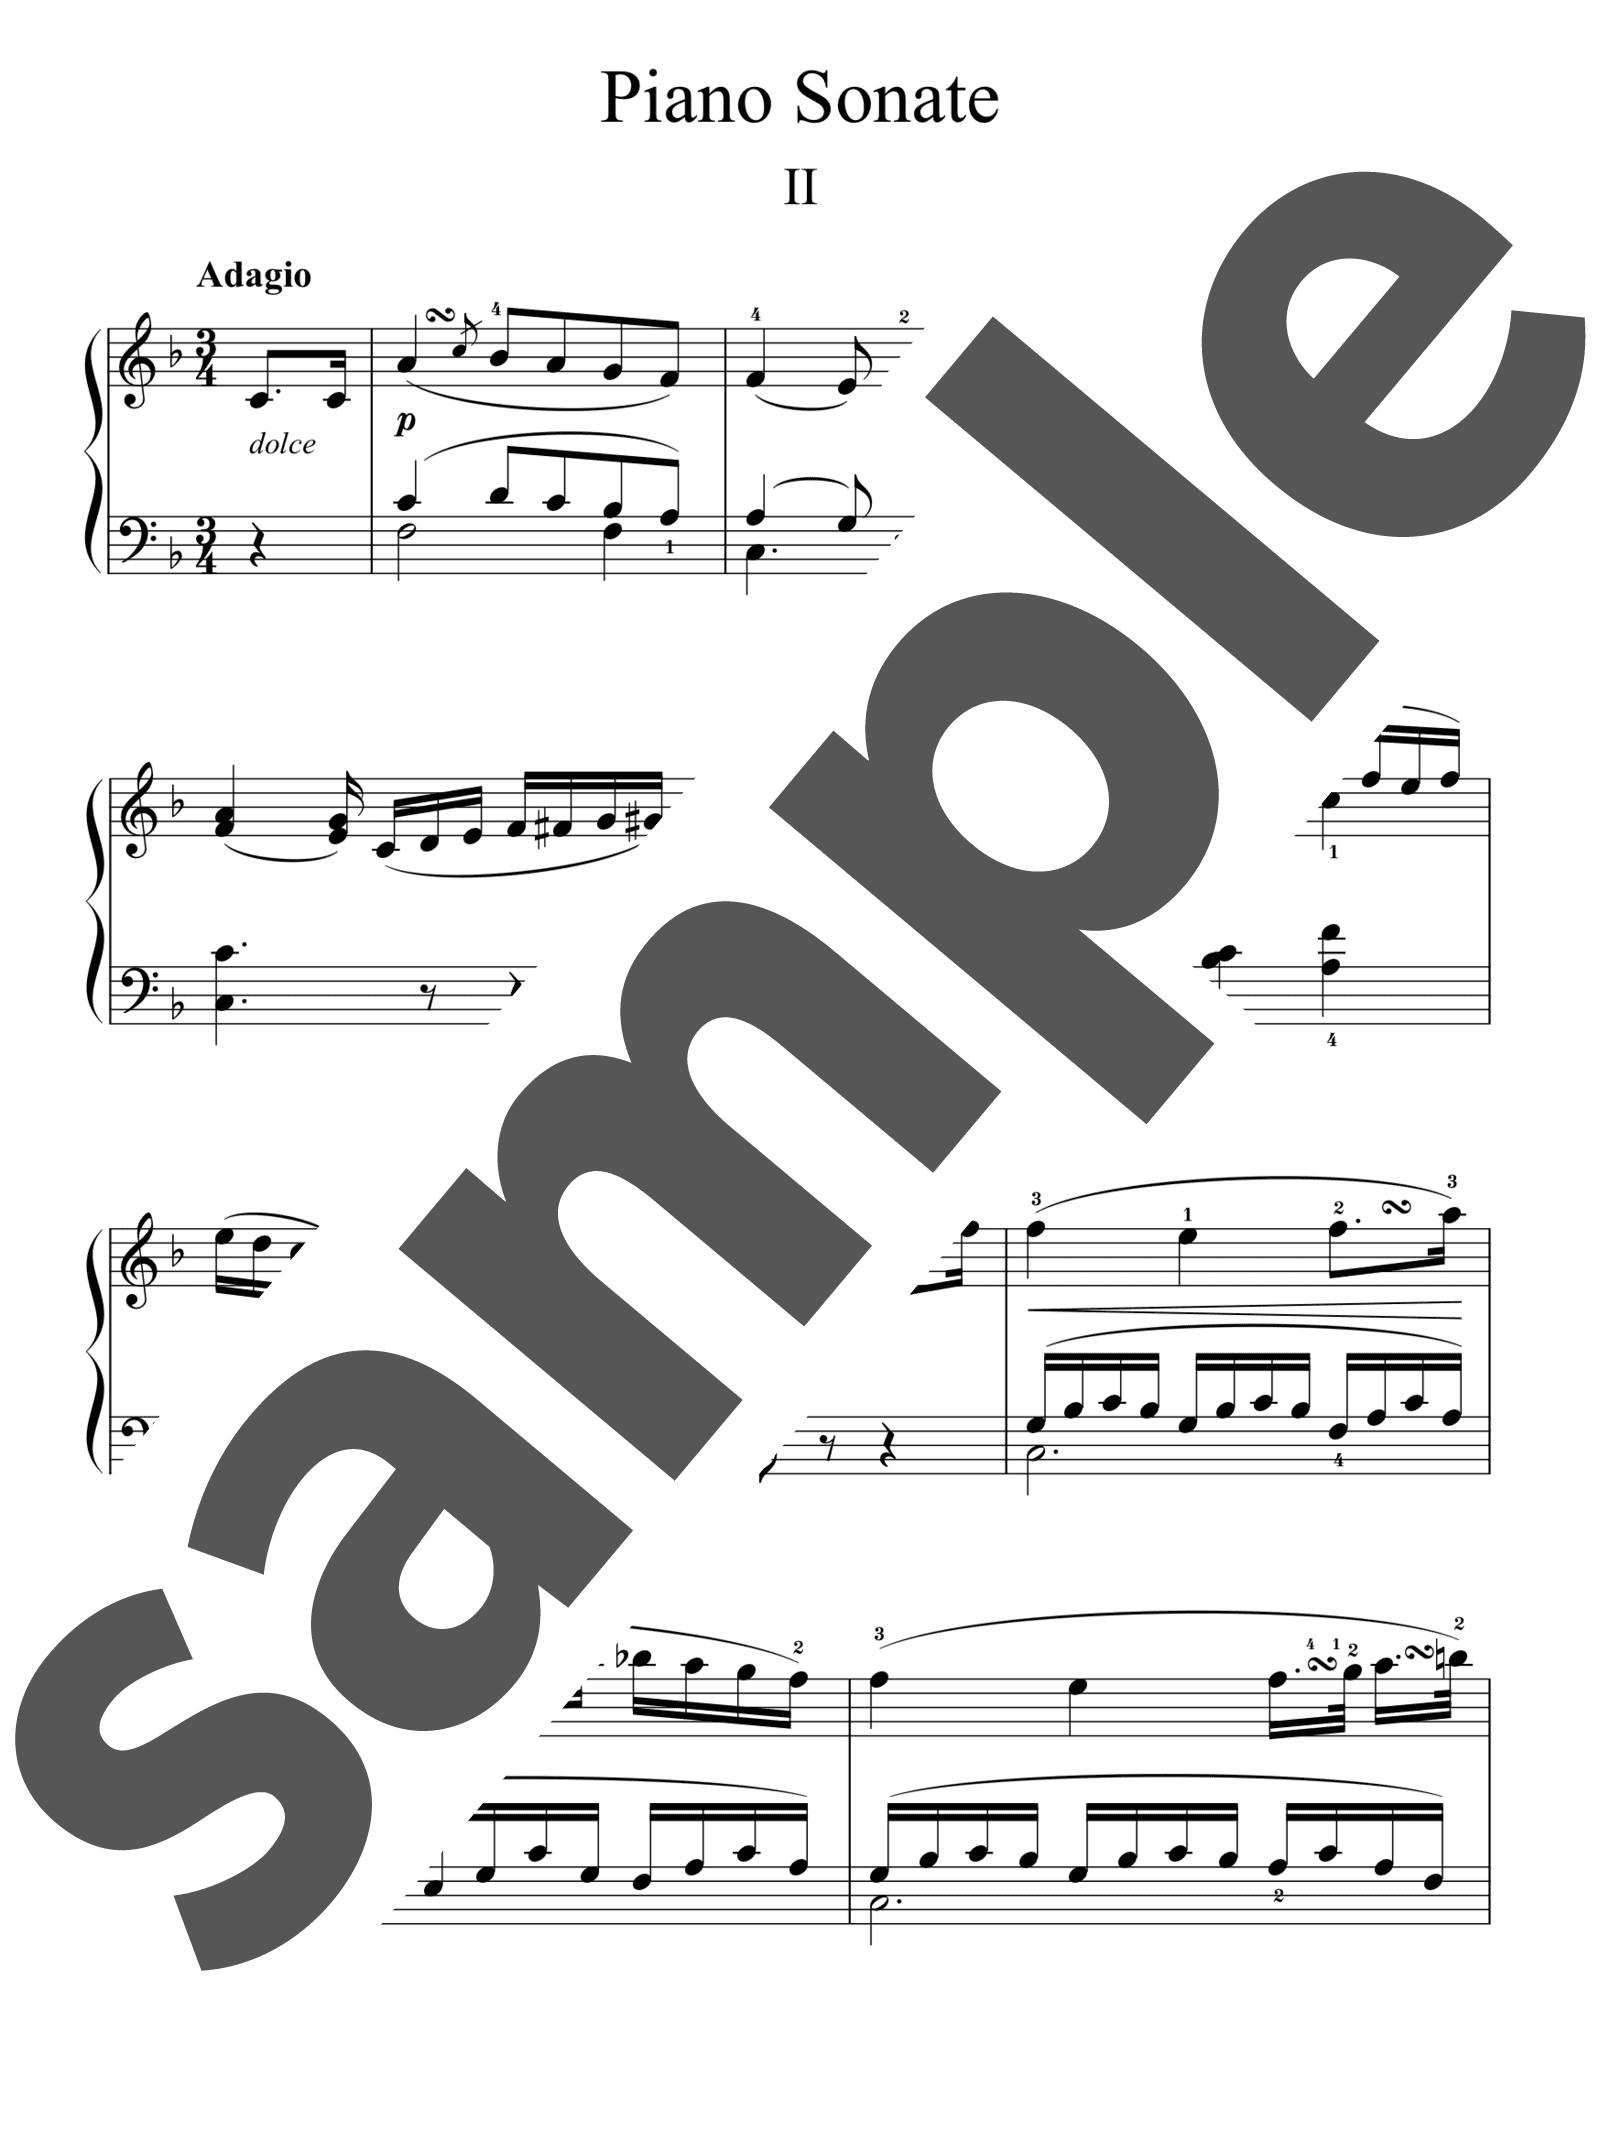 「ピアノ・ソナタ 第1番 ヘ短調 第2楽章」のサンプル楽譜